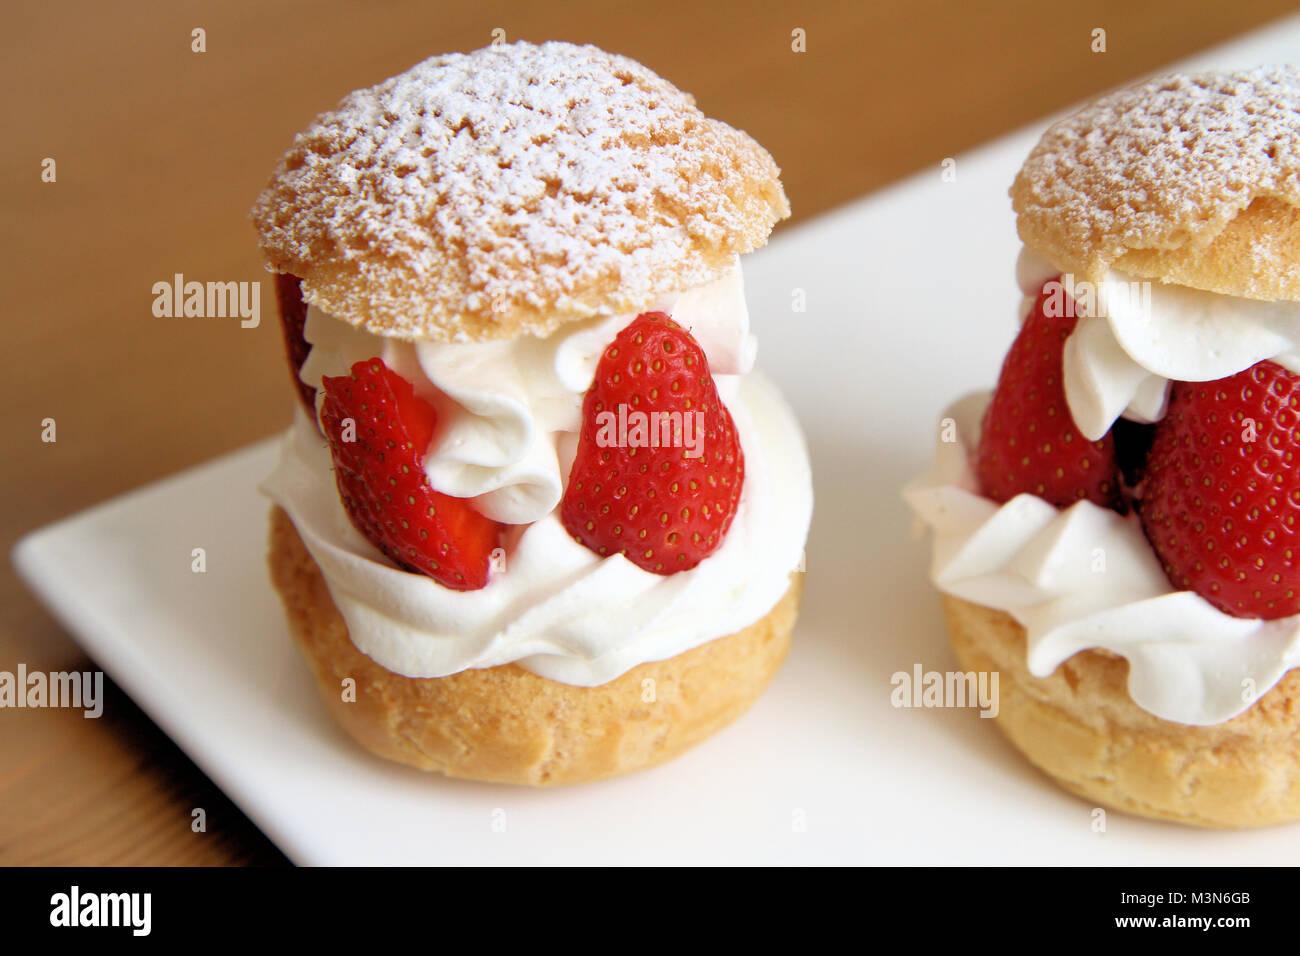 La crème fouettée et les fraises bouffées Photo Stock